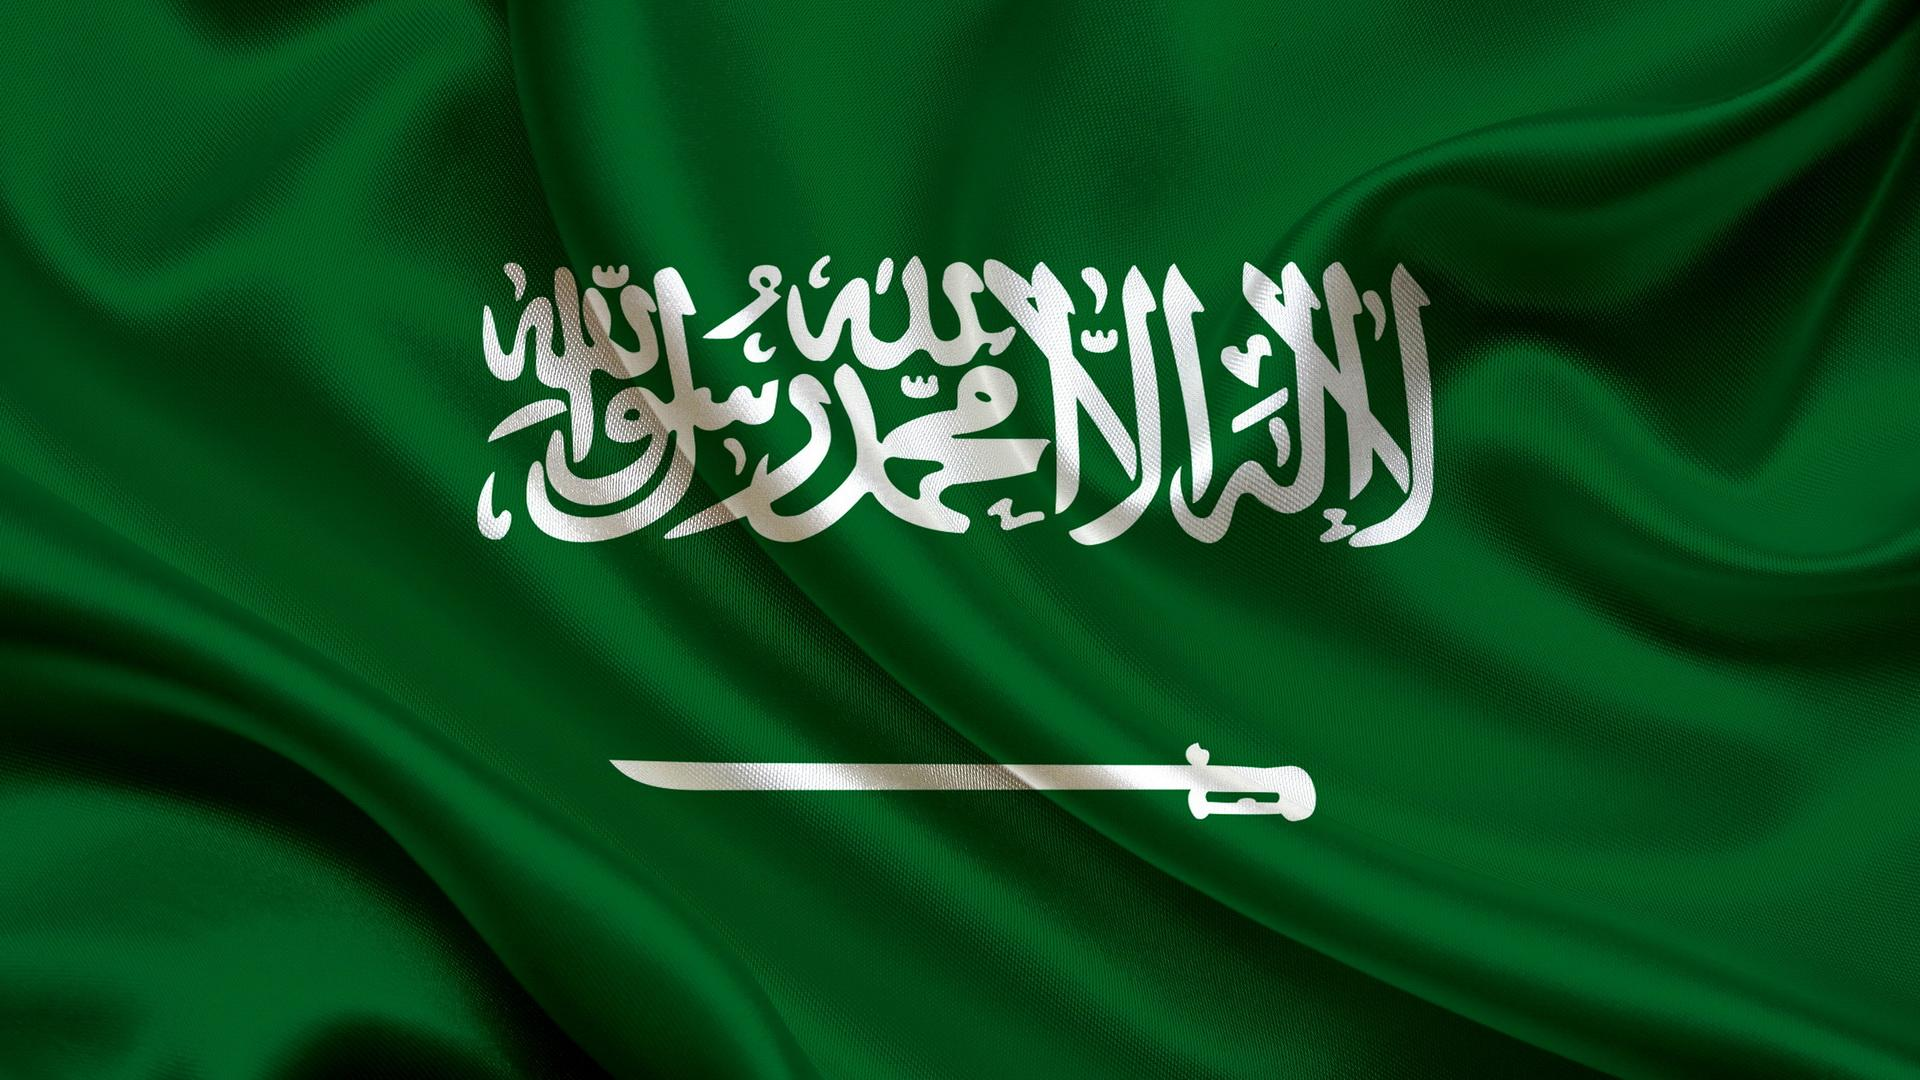 القبض على (9) سودانيين وسعودي بتهمة تحويل (100) مليون ريال لحسابات خارج المملكة